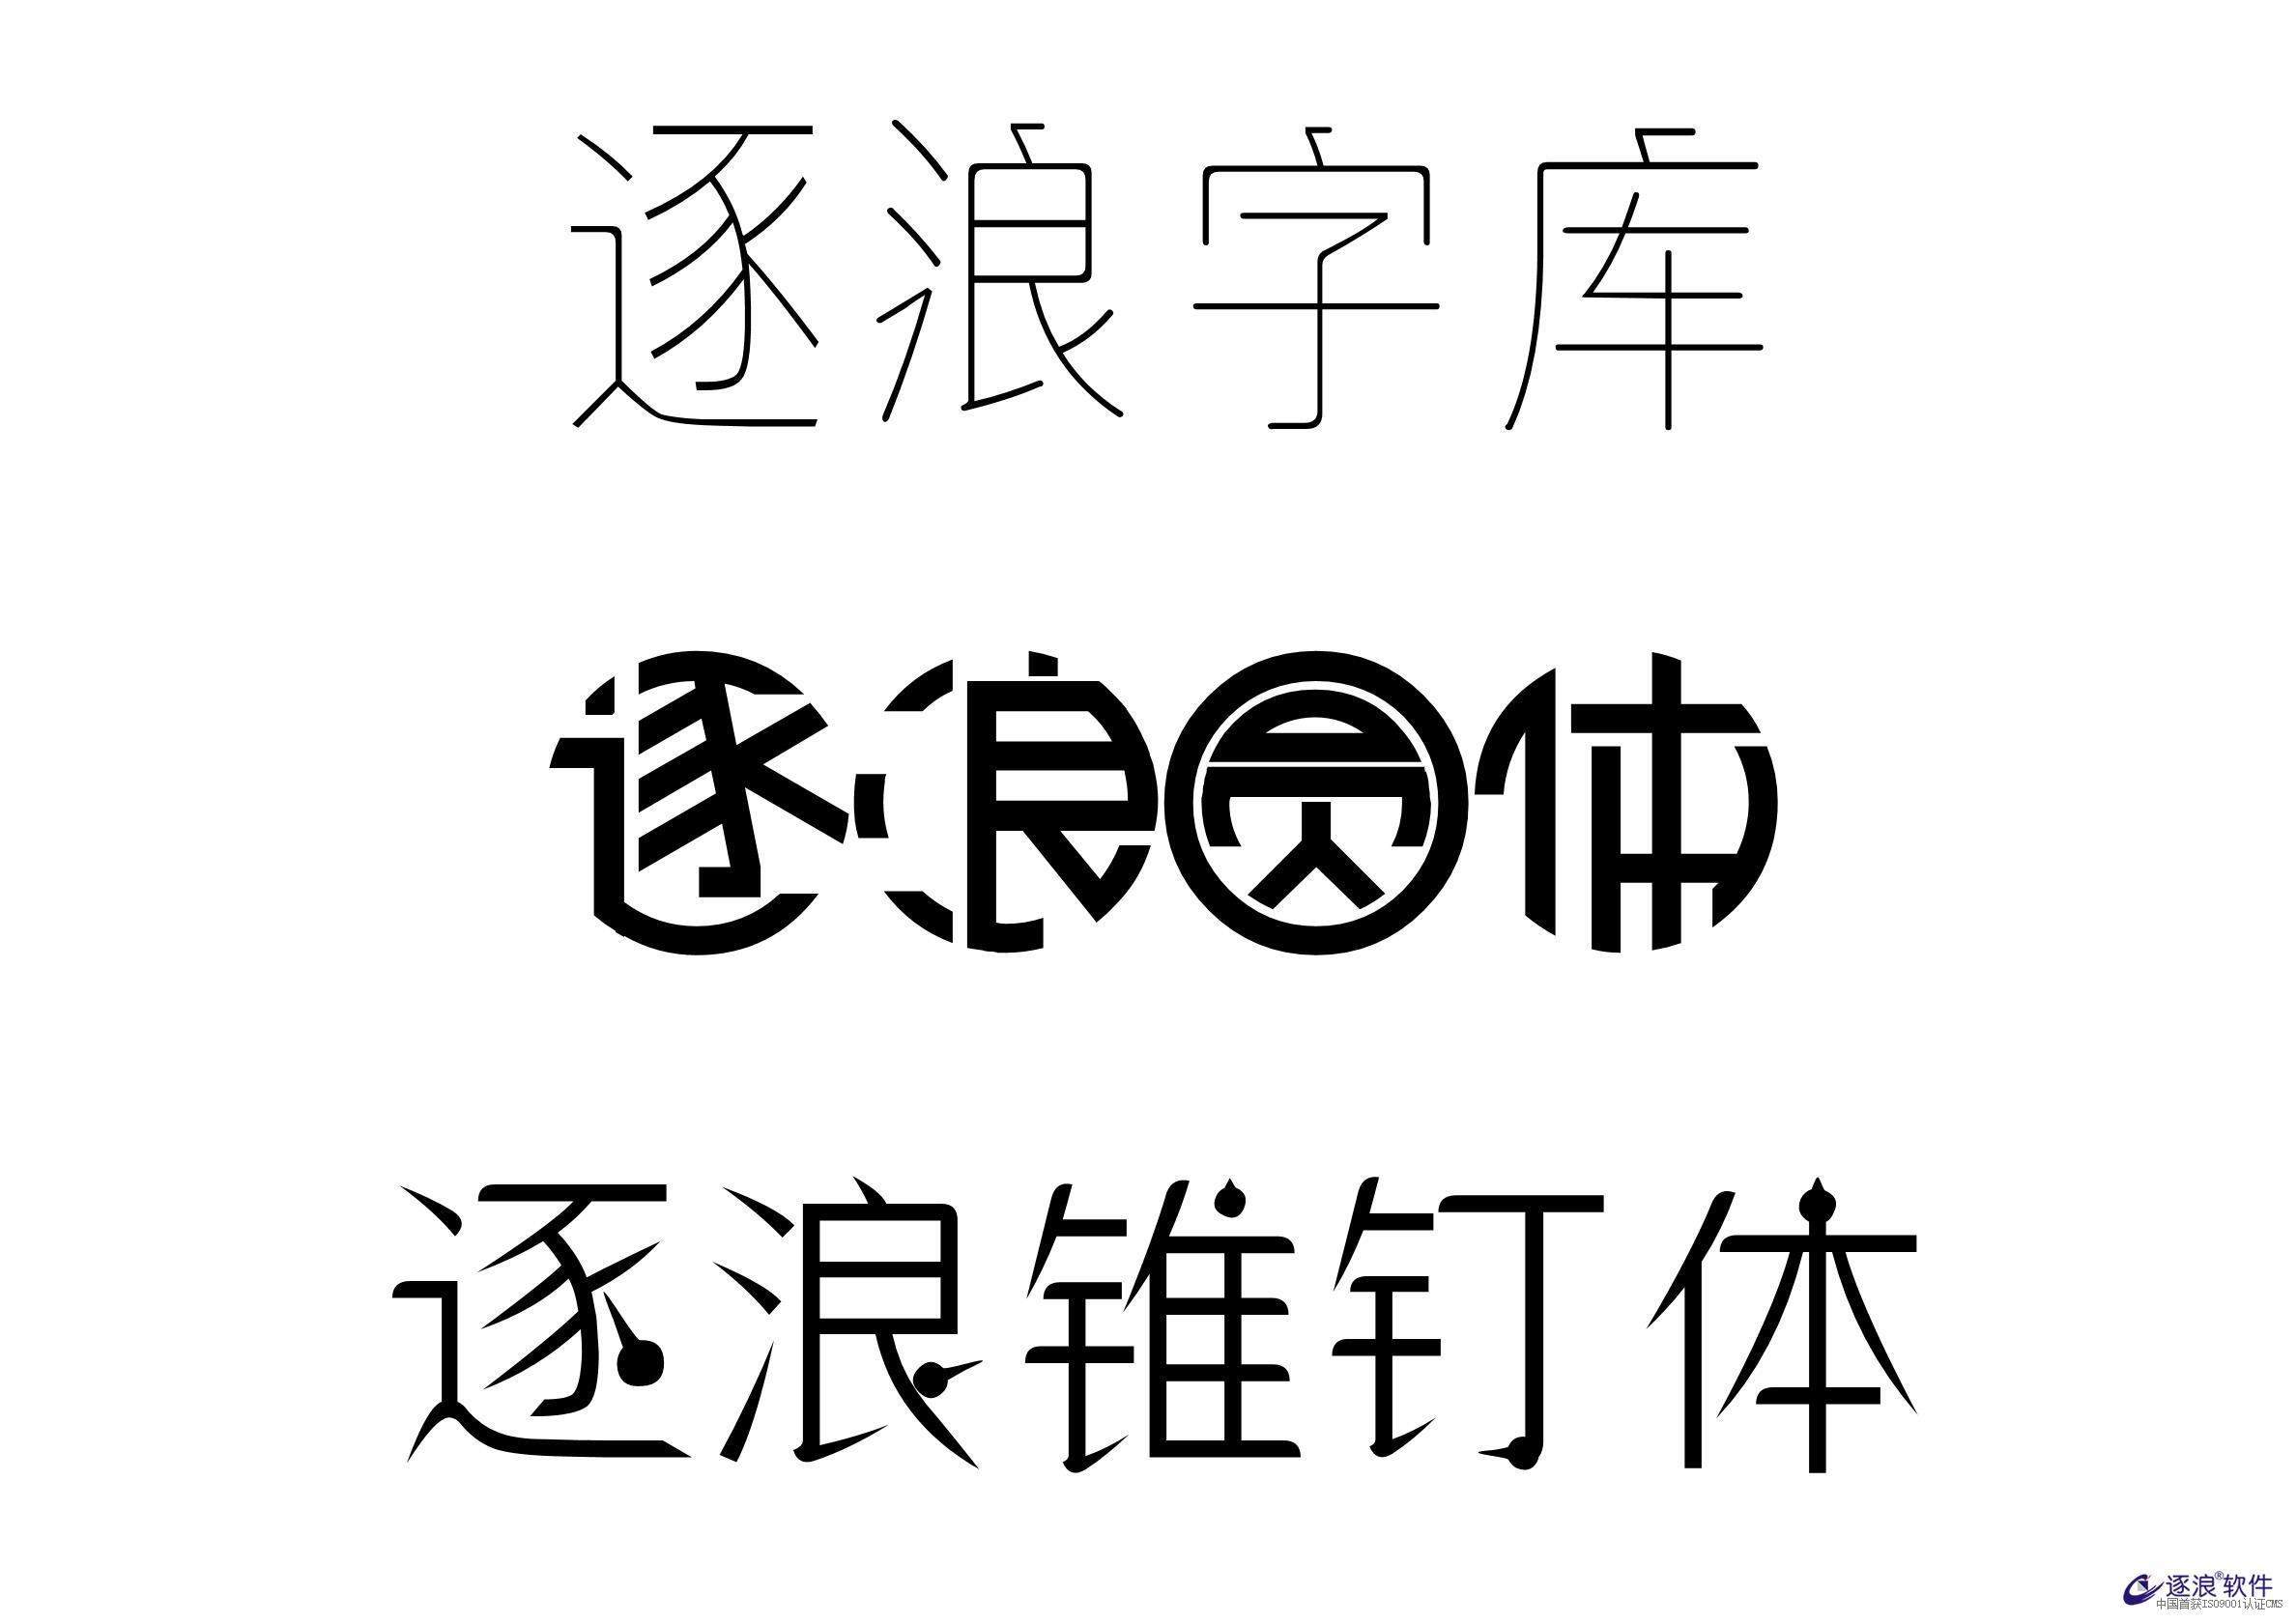 2017逐浪字库最新出品——五大新作